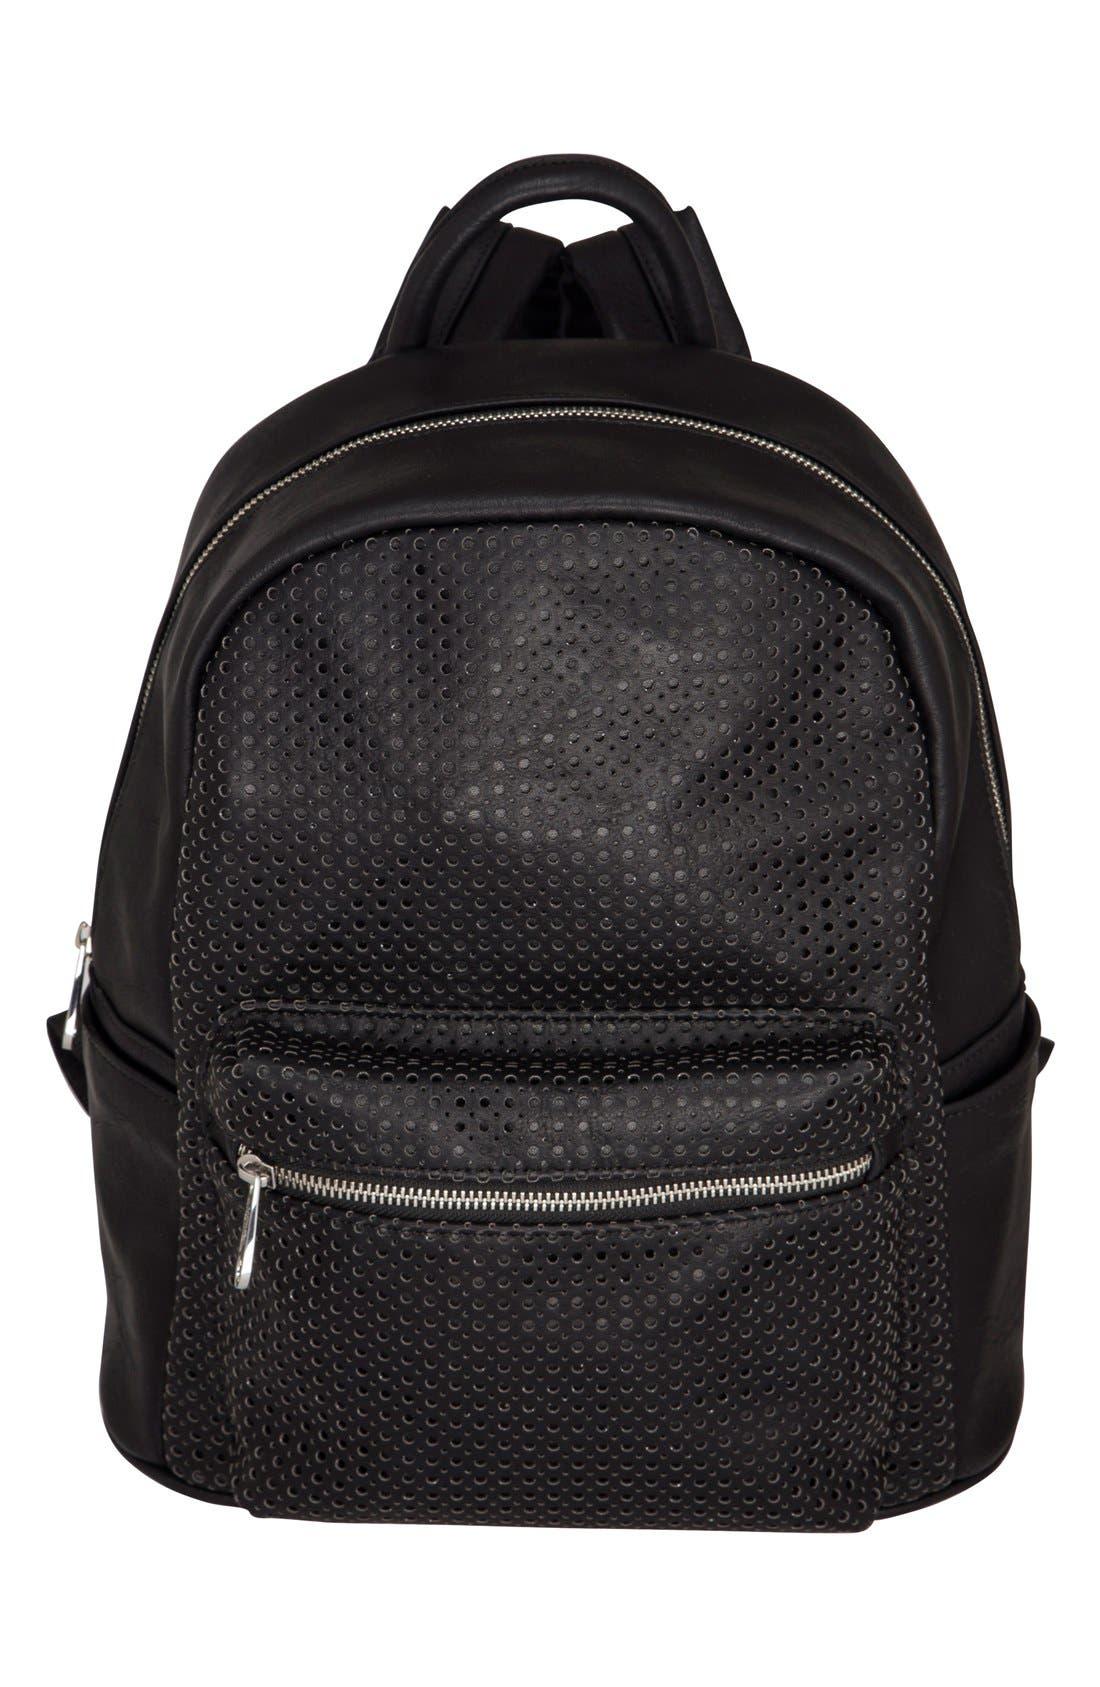 Main Image - Urban Originals 'Lola' Perforated Backpack